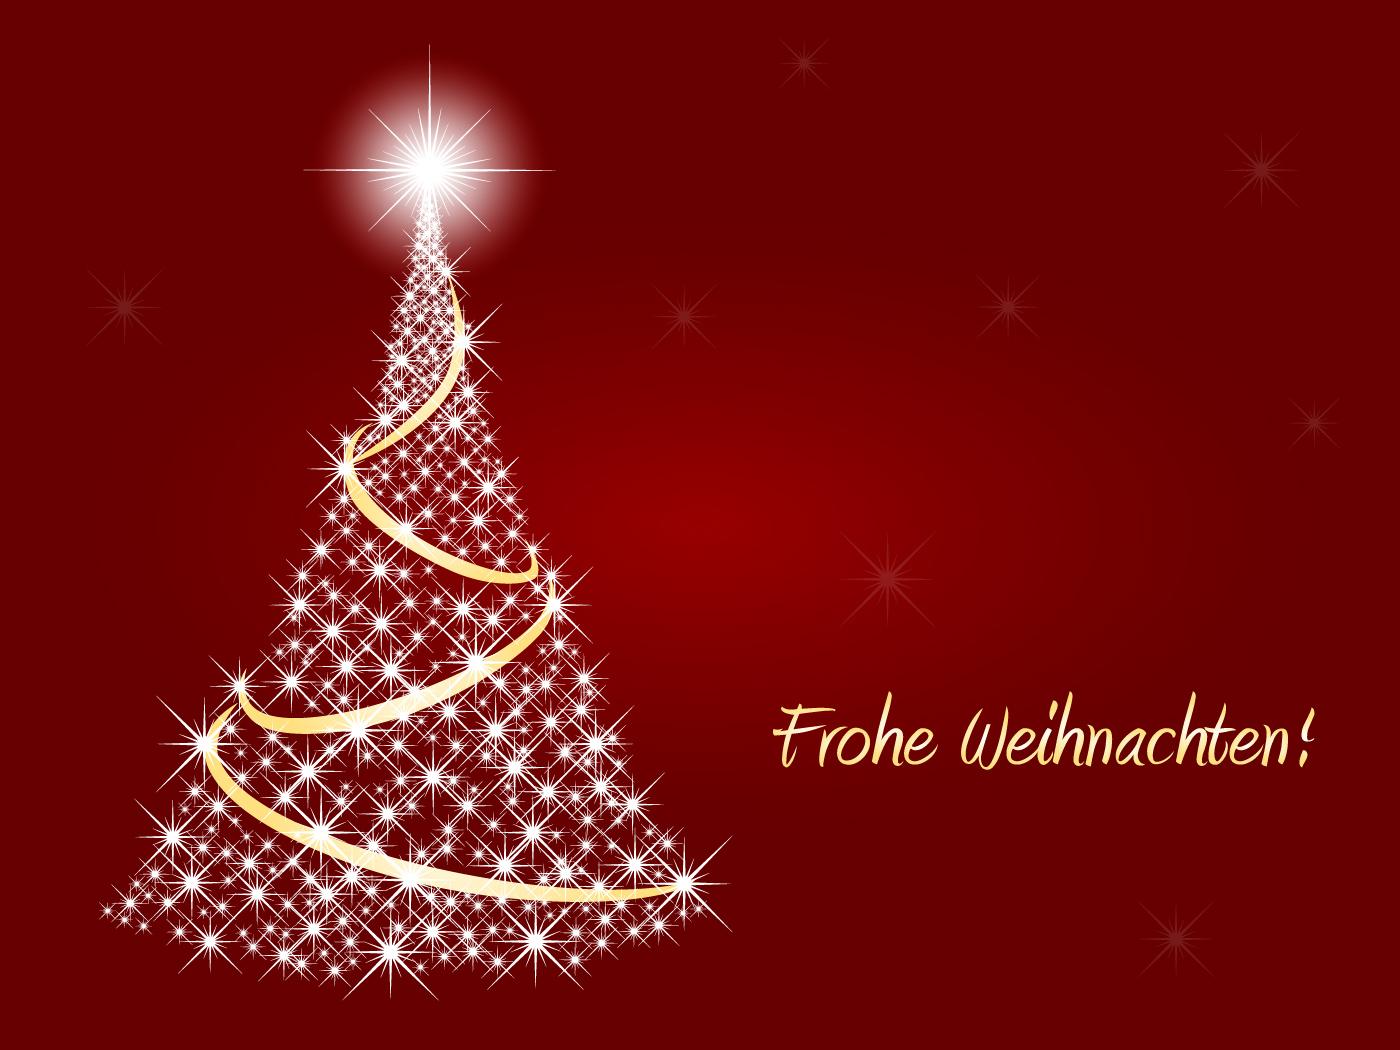 Frohe weihnachten hintergrundbilder kostenlos weihnachten - Weihnachtskarten drucken gratis ...